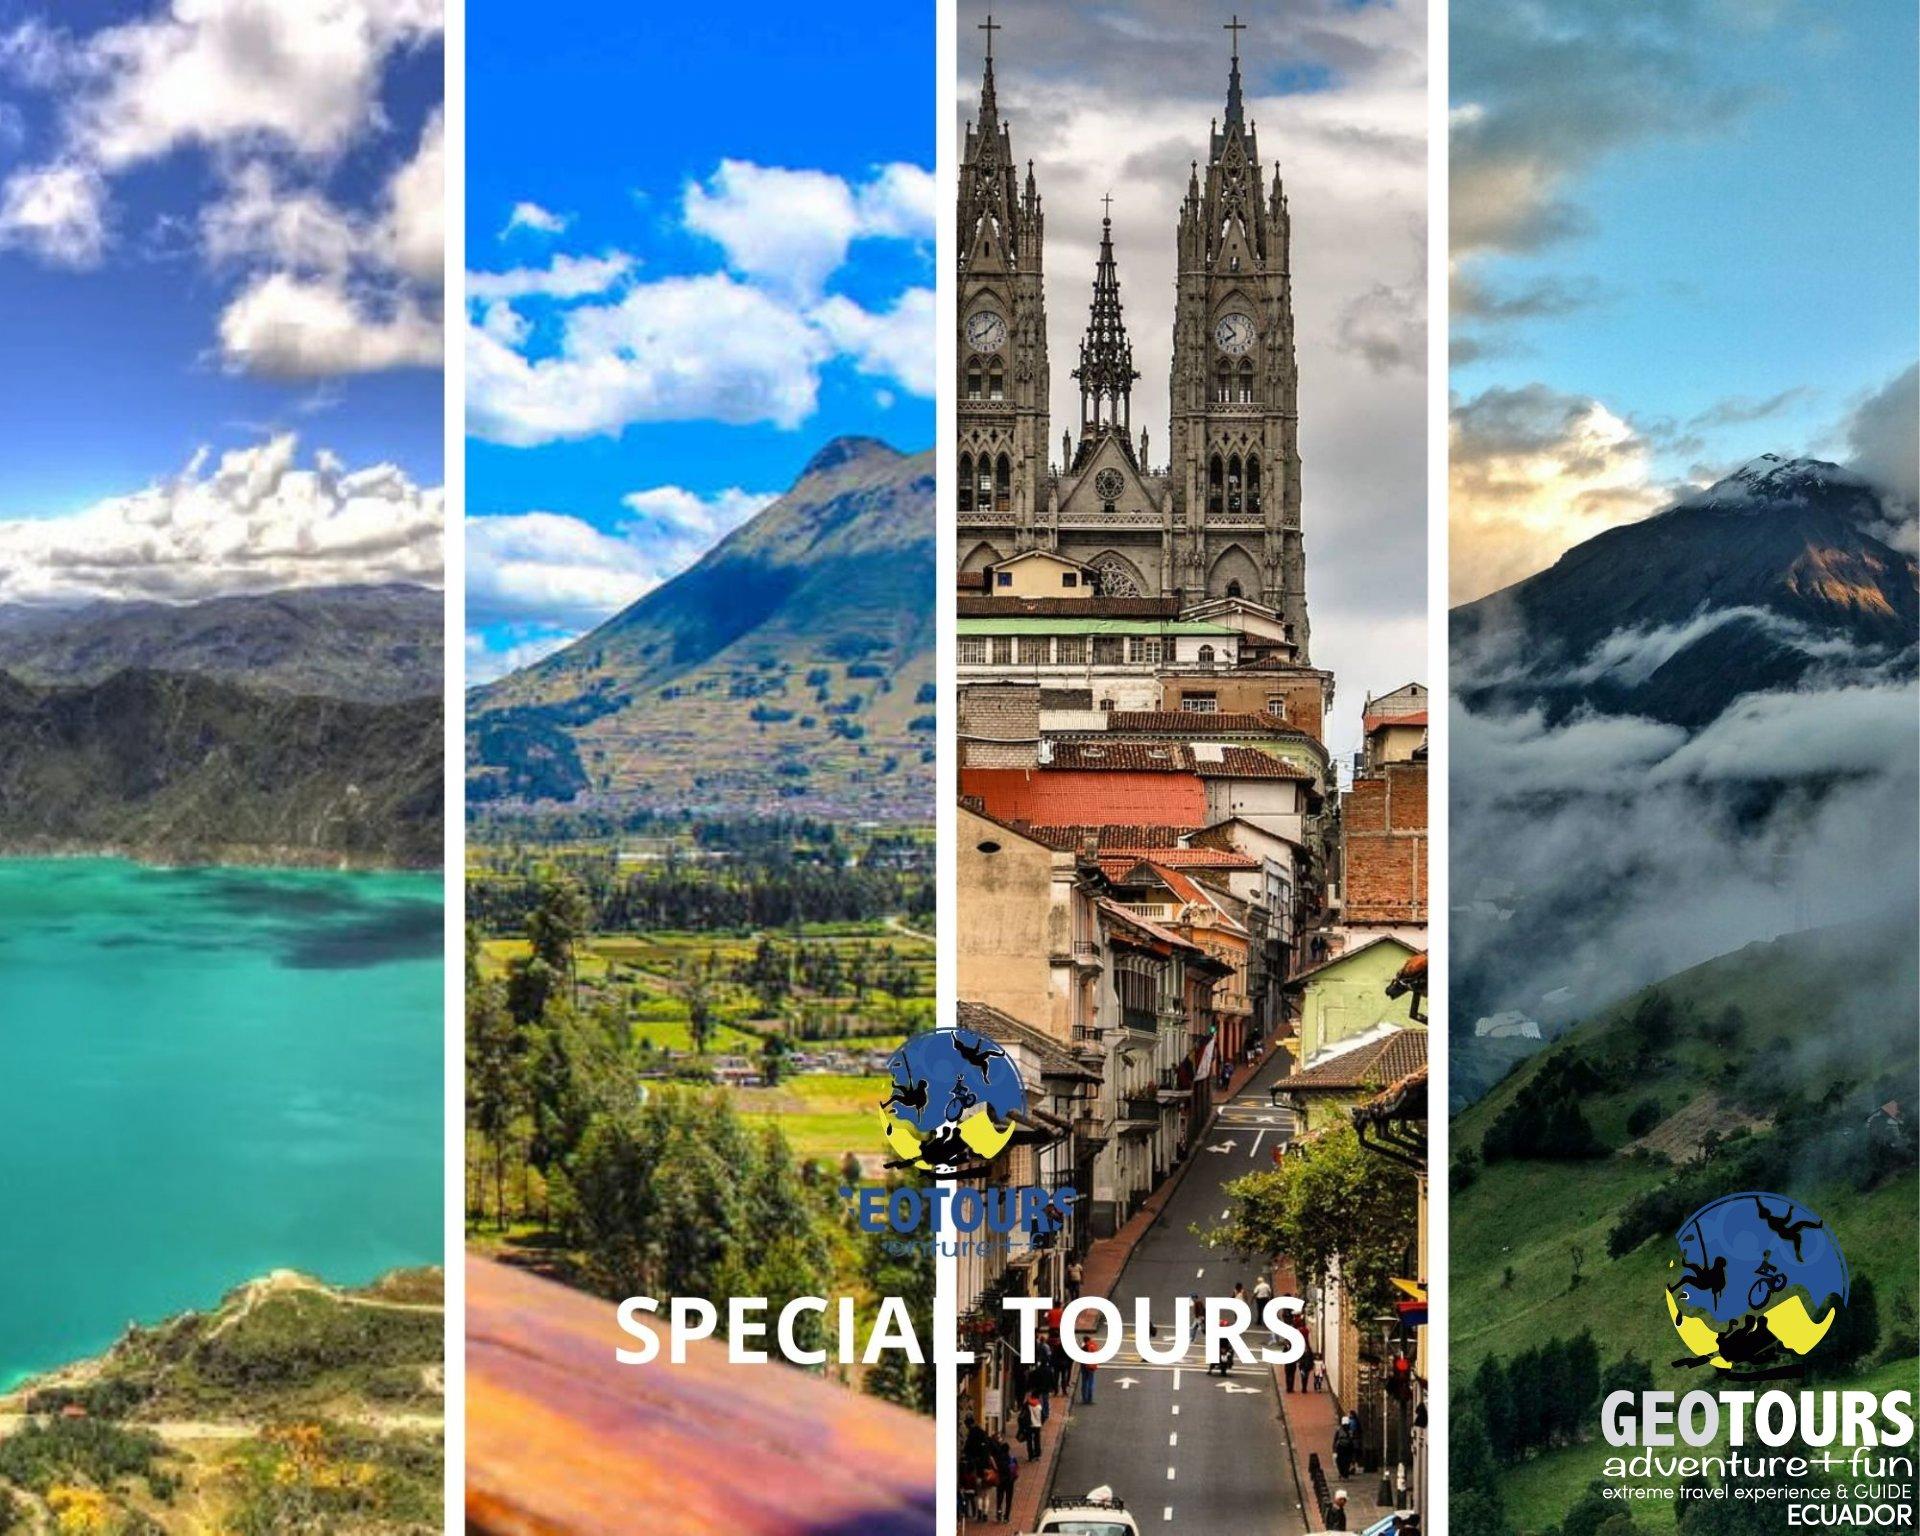 Tour Ecuador in 8 days